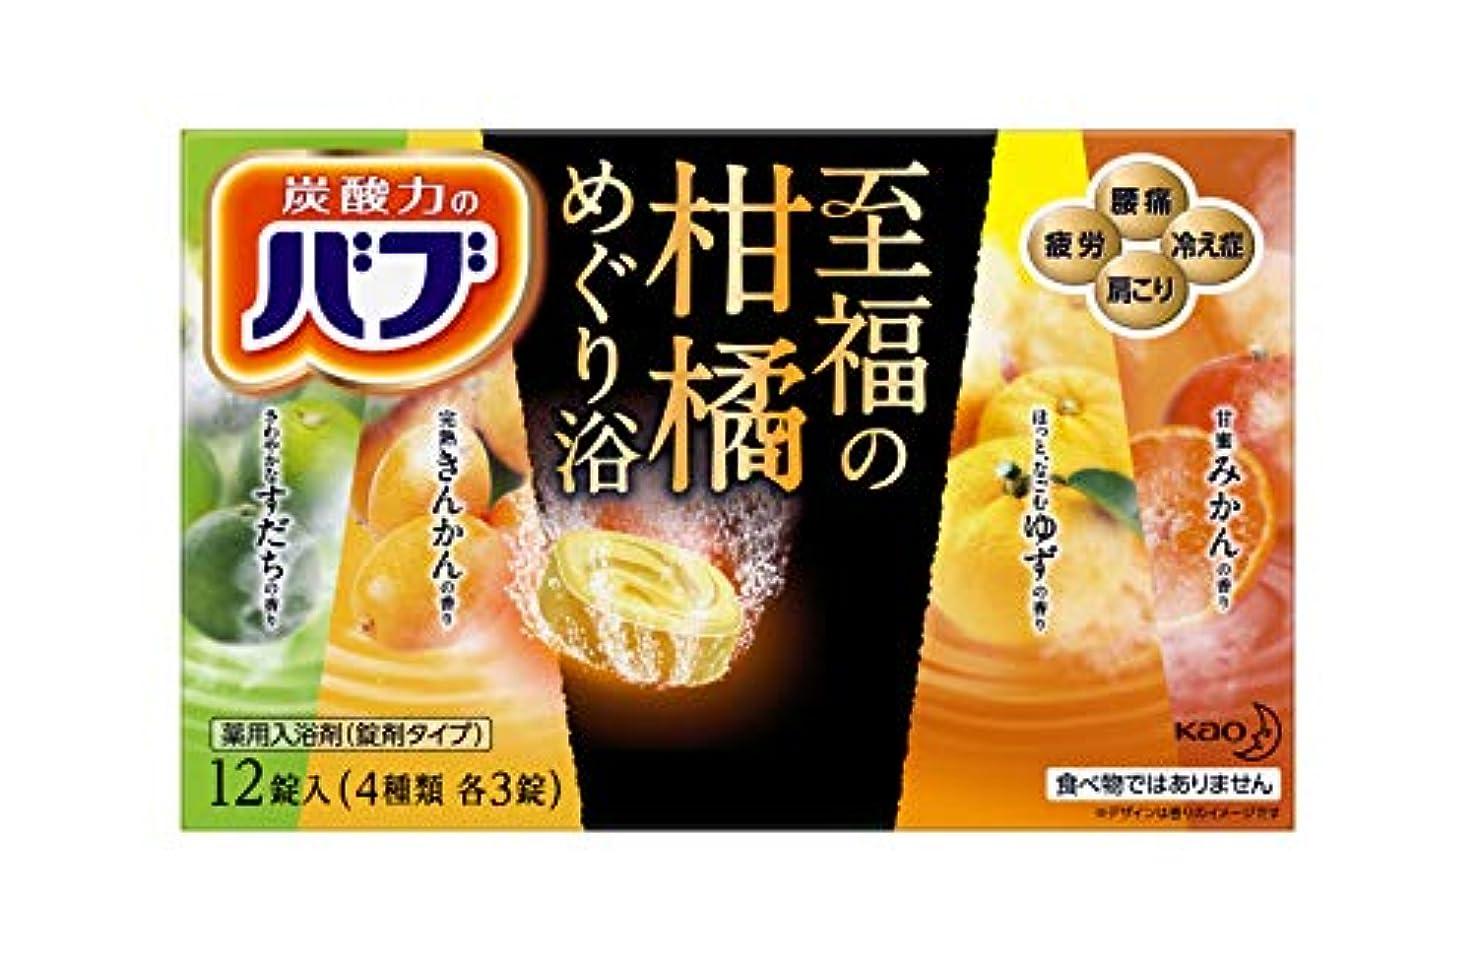 実現可能生命体たらいバブ 至福の柑橘めぐり浴 12錠入 (4種類各3錠入)